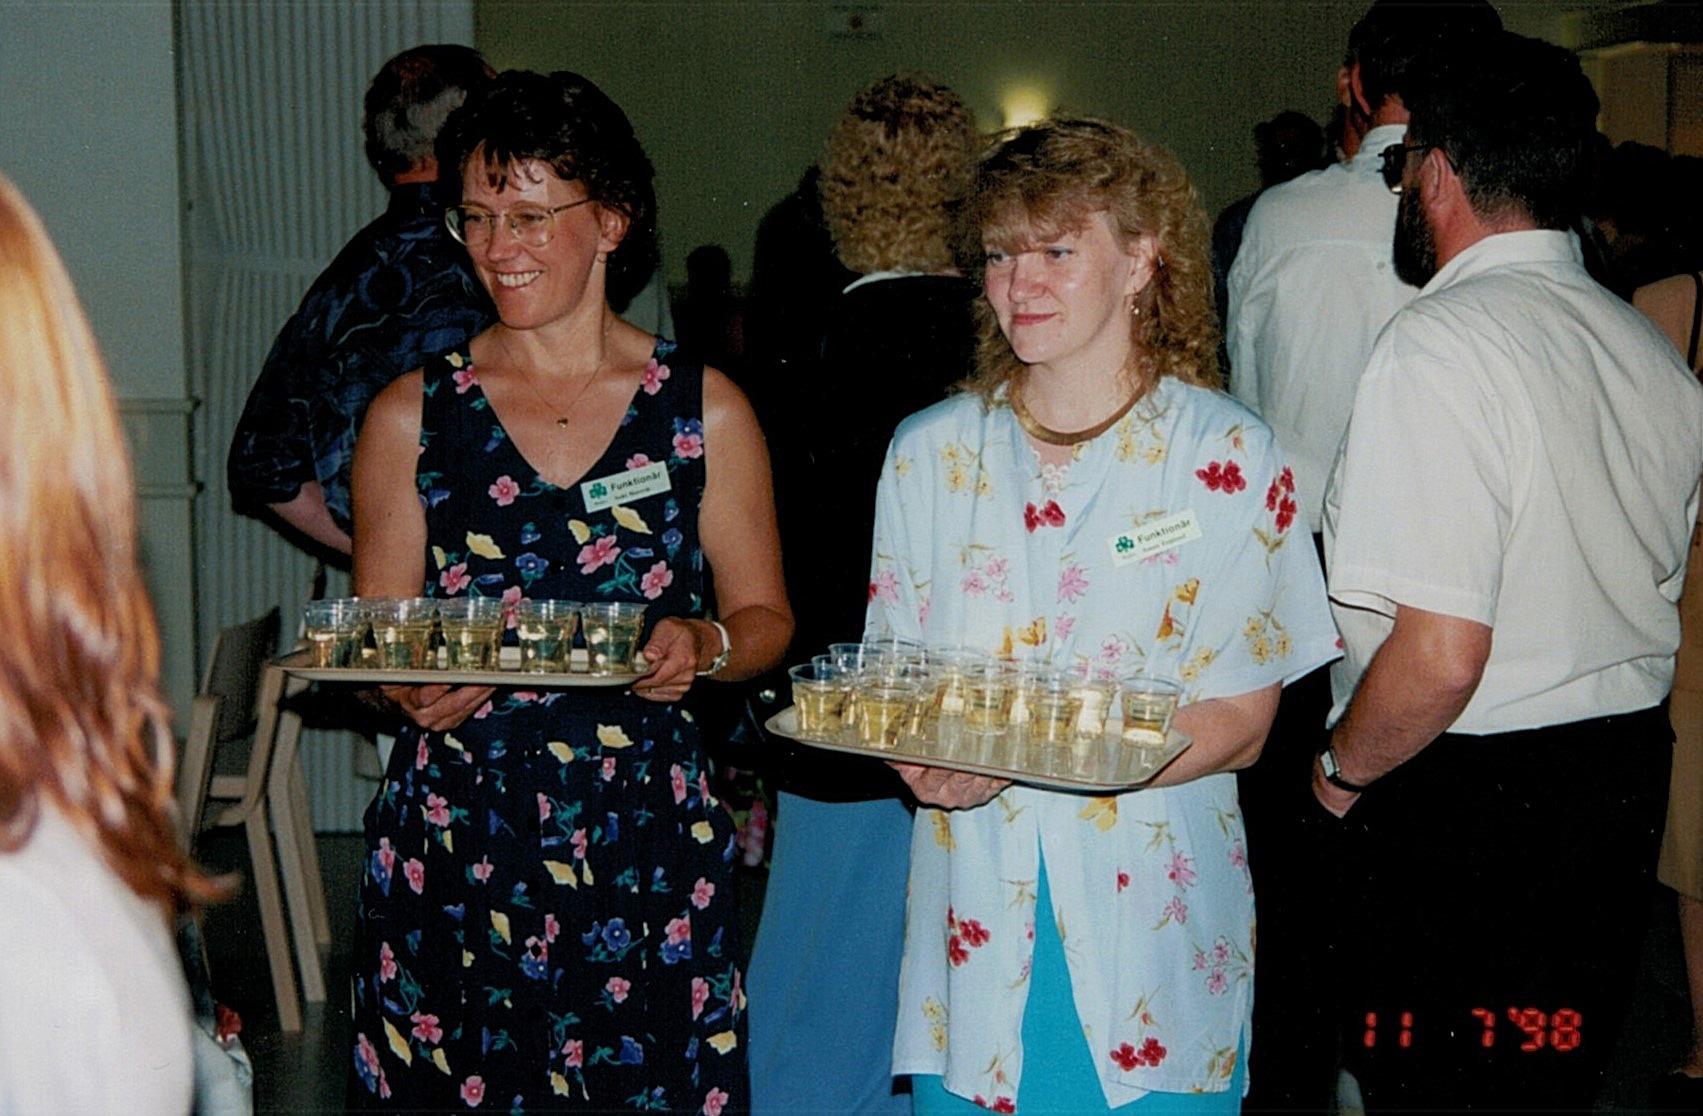 Ann-Christin Norrvik och Susan Englund bjuder gästerna på en välkomstdrink vid lördagskvällens dans.